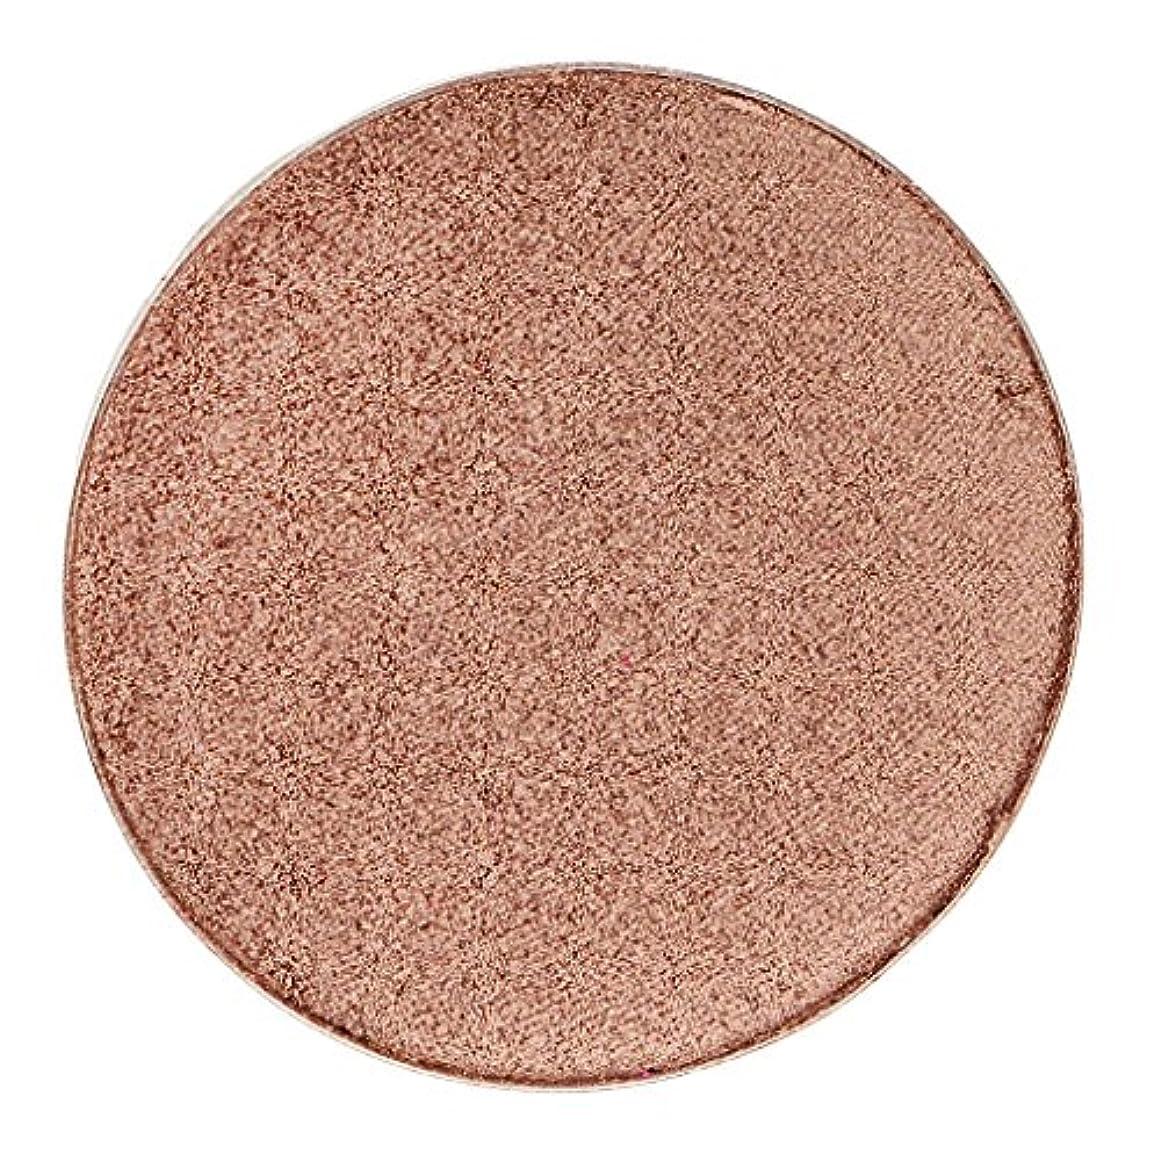 追い付くバングラデシュいくつかの美容キラキラアイシャドウパレット化粧品アイシャドウメイク5色 - #39ブラウン